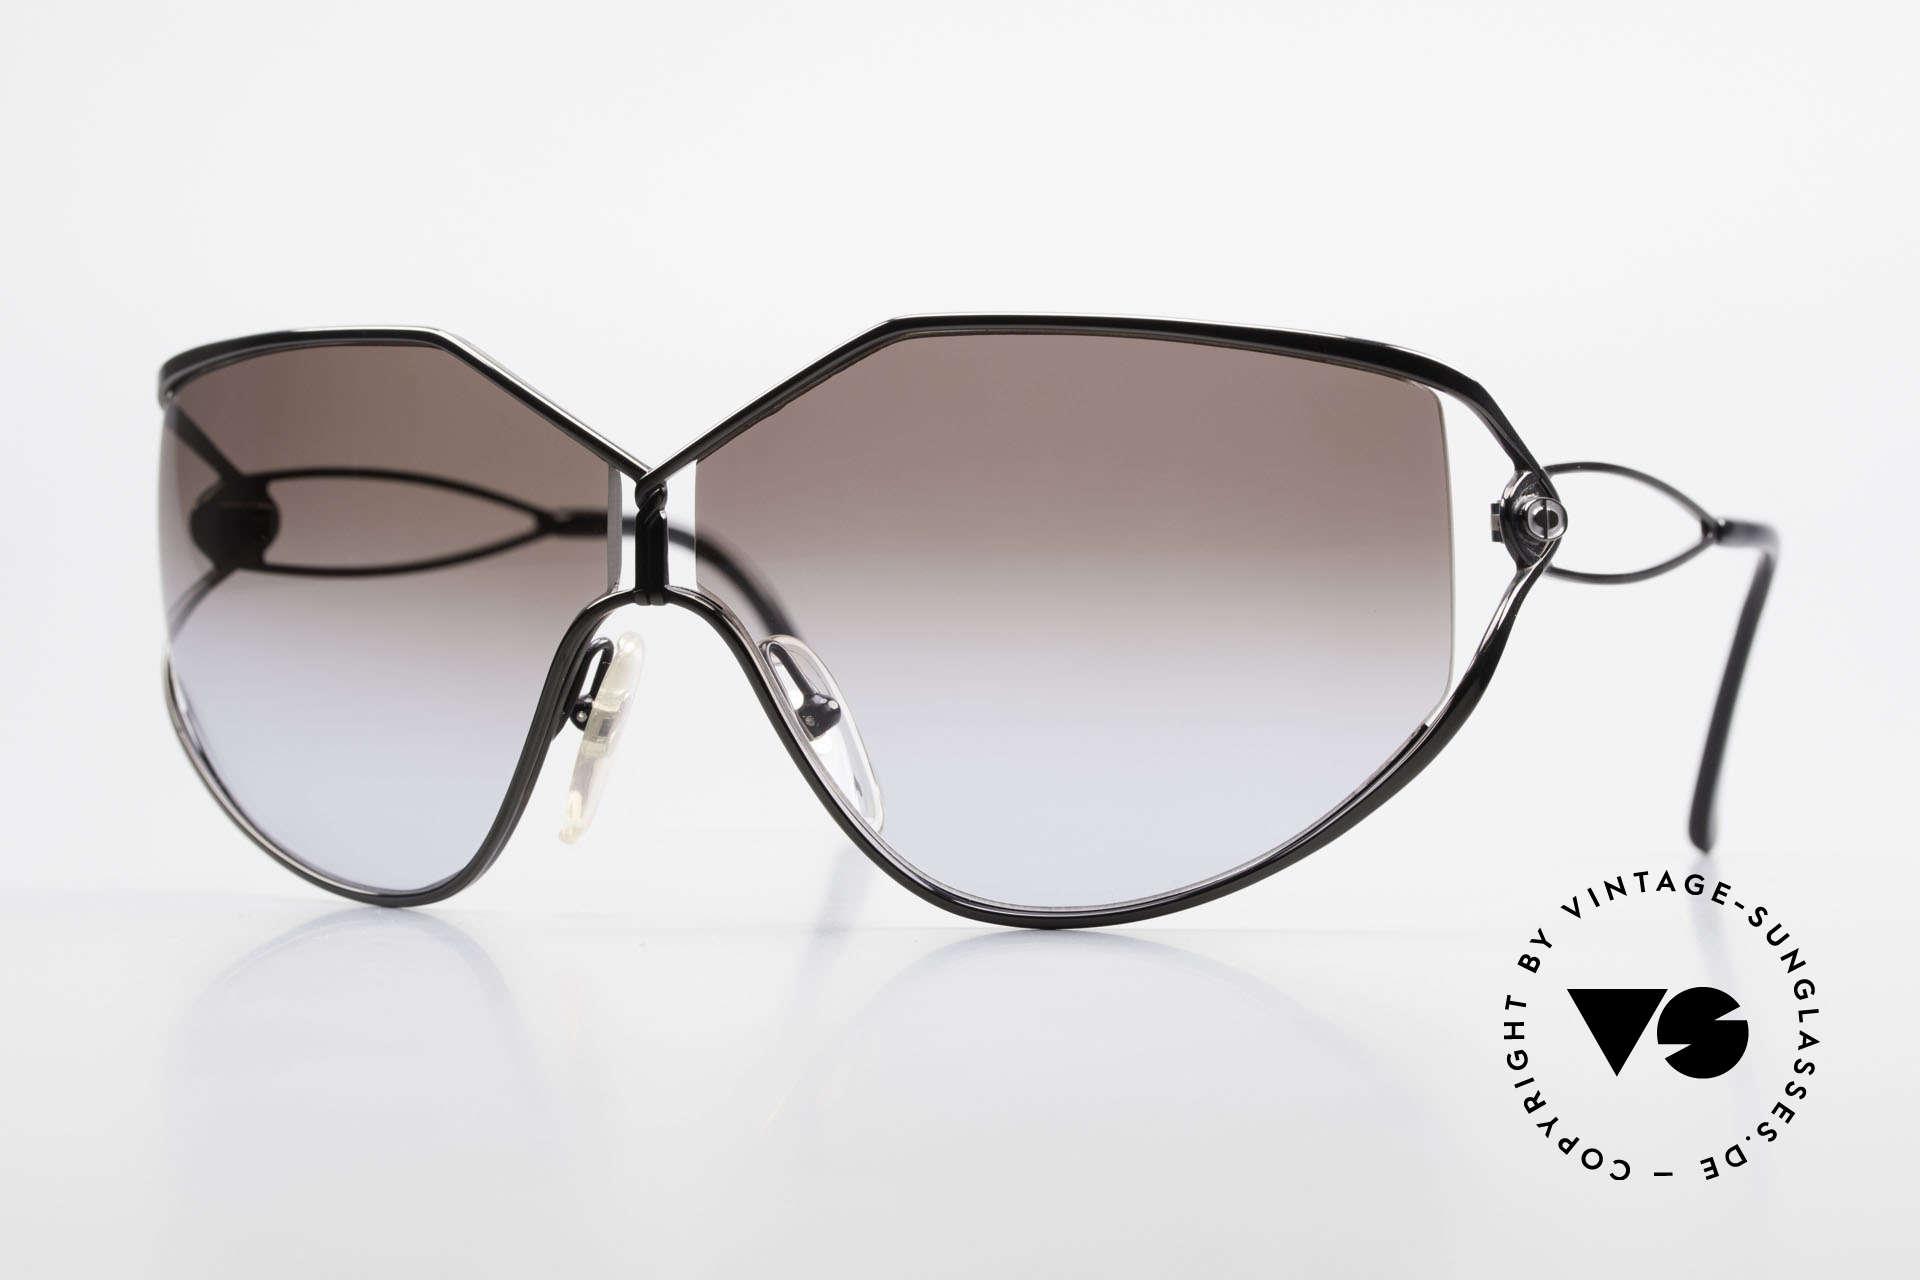 Christian Dior 2345 Ladies Designer Sunglasses 90s, oversized vintage DIOR designer sunglasses, Made for Women